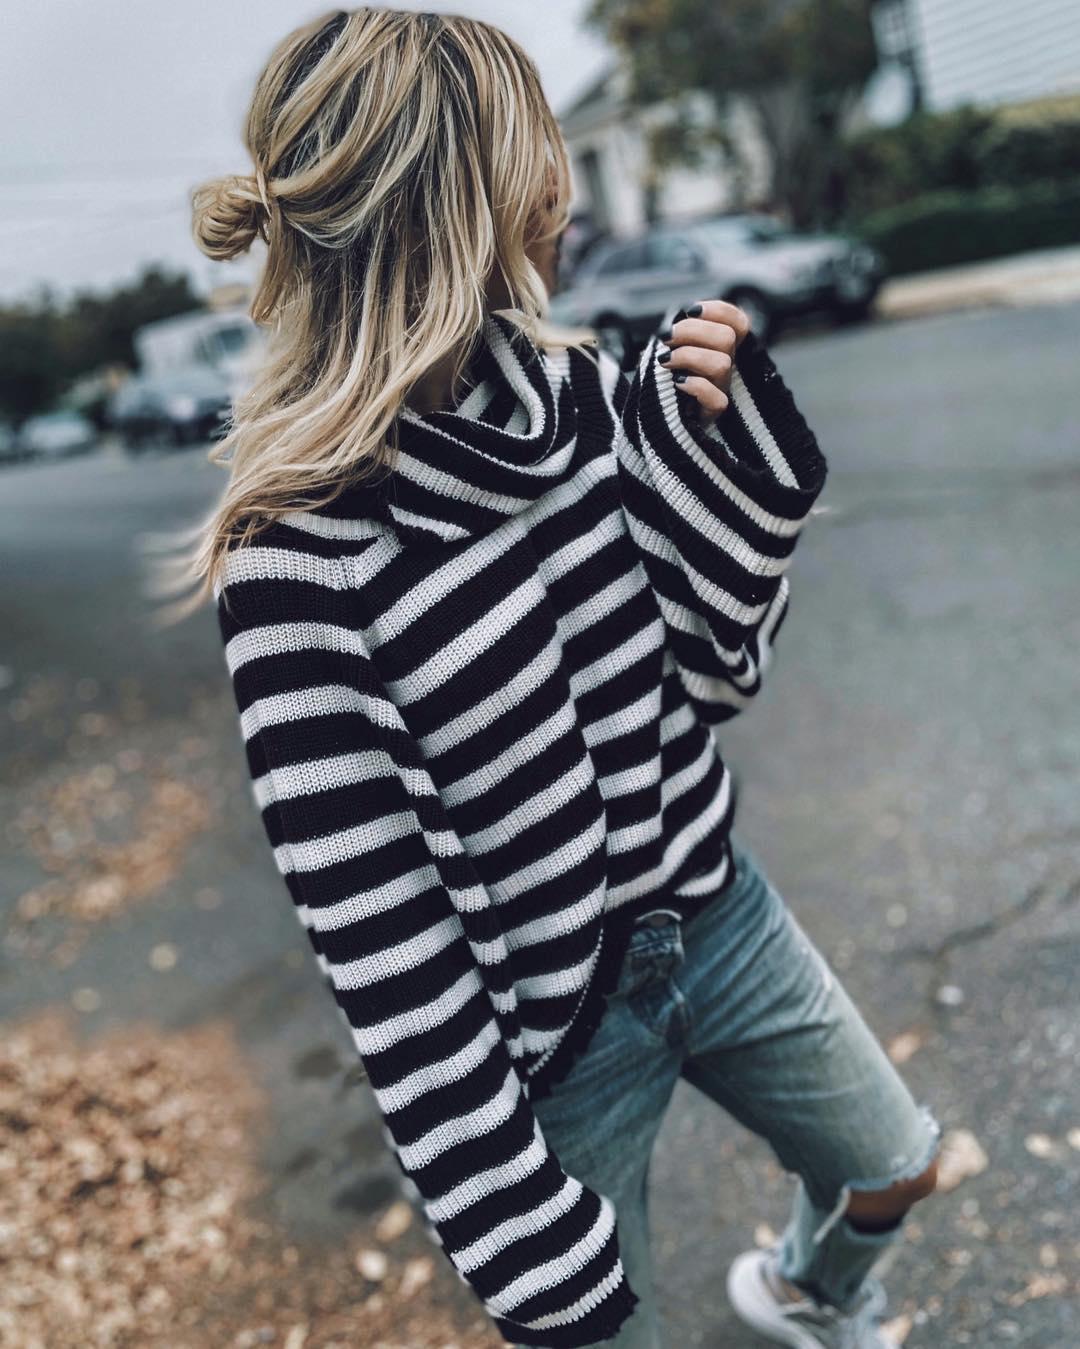 Джинсы и свитер: 15 невероятно стильных образов 2019 года